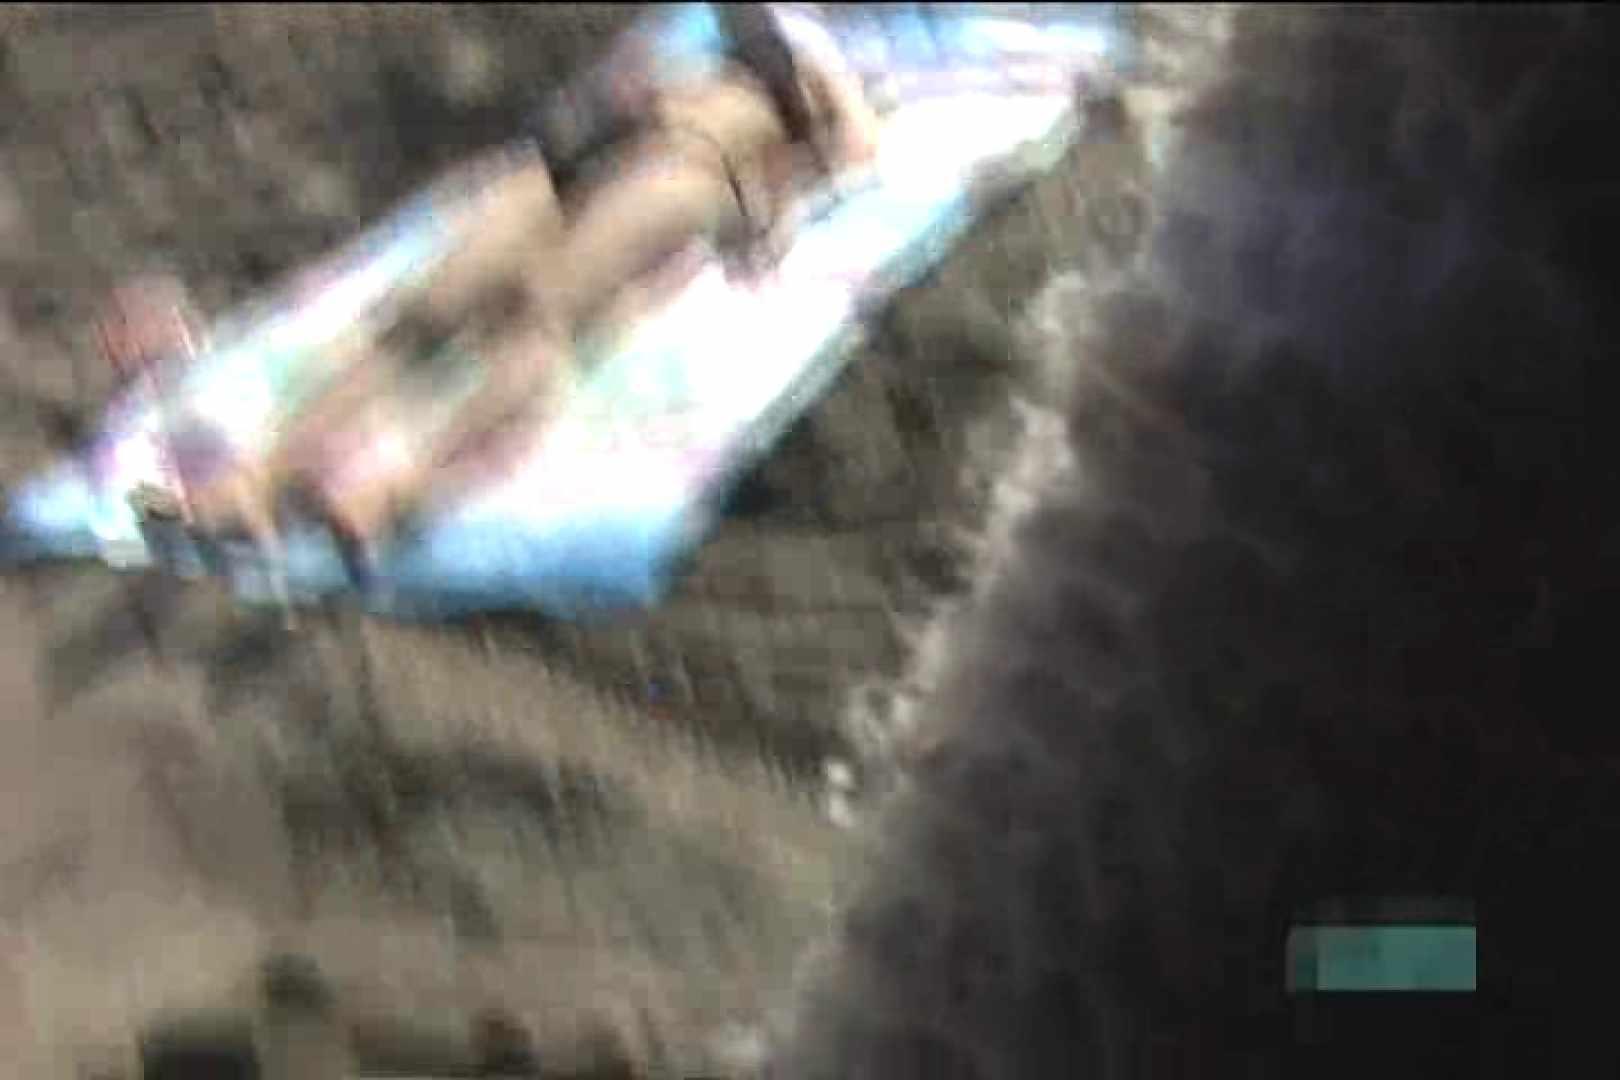 真夏のビーチは危険地帯Vol.3 水着 オマンコ無修正動画無料 79画像 68